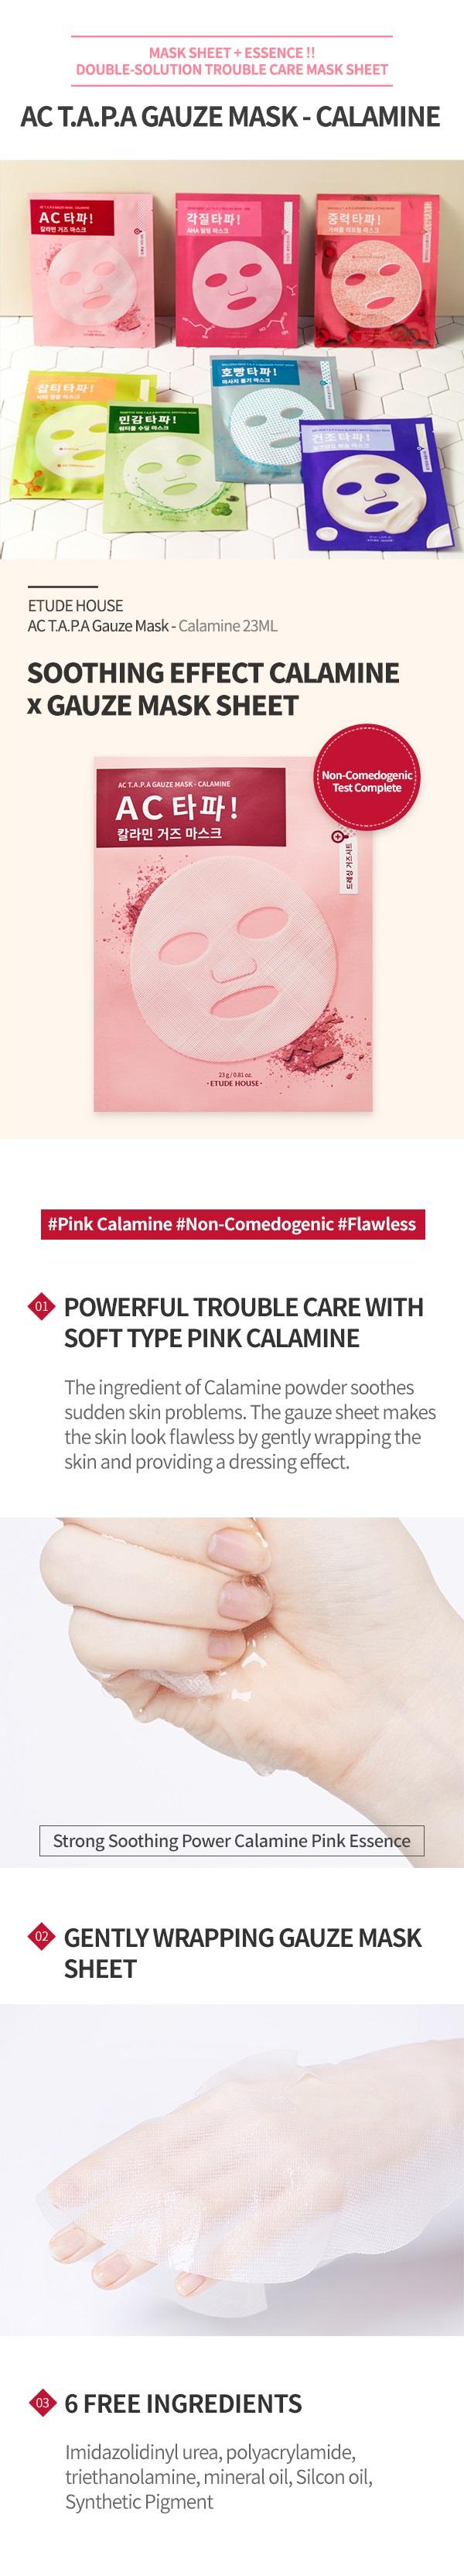 20180201 gauze mask calamine sub des - فروشگاه اینترنتی می شاپ